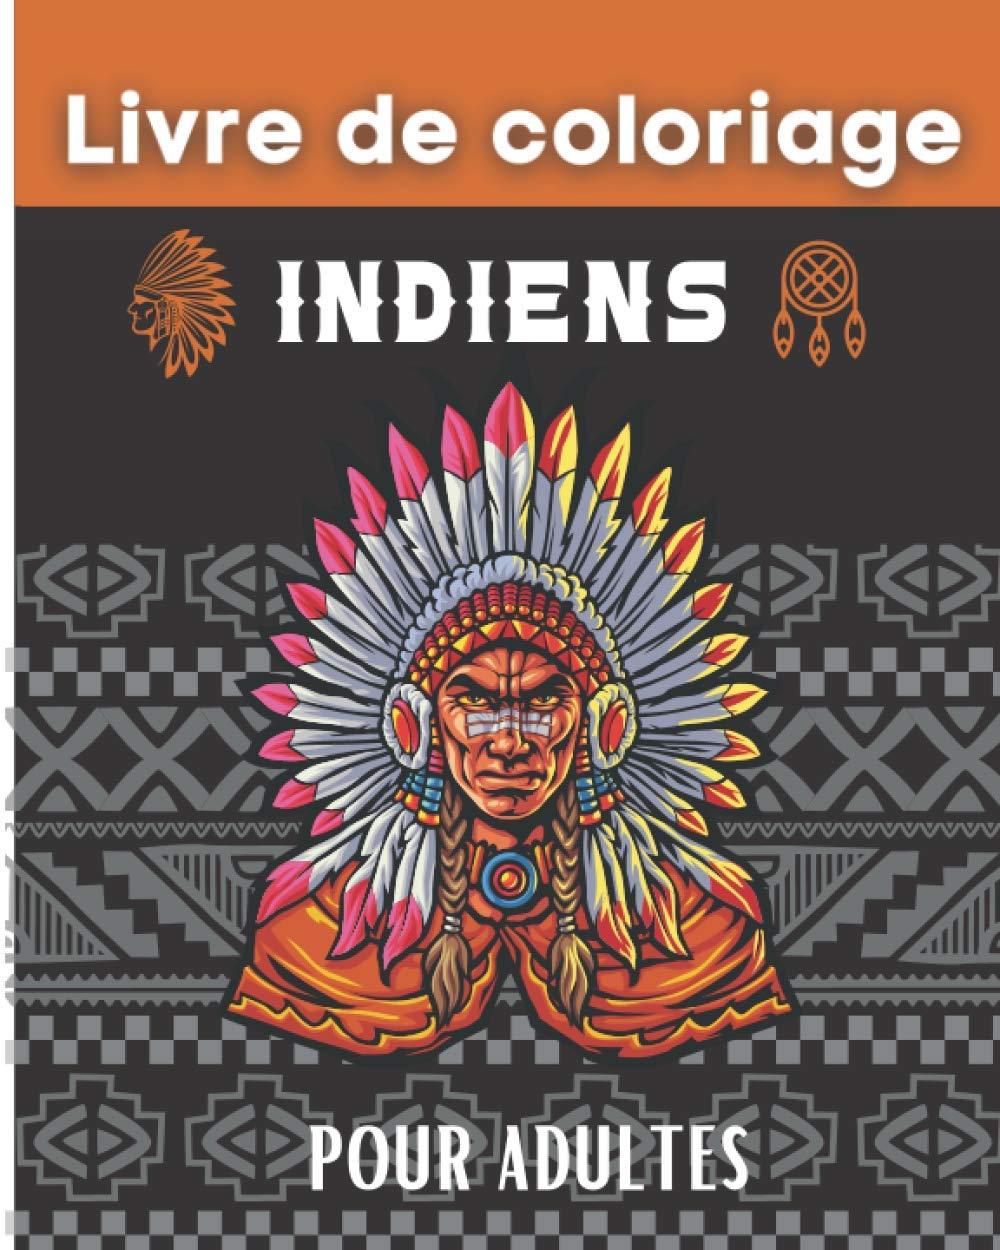 Livre De Coloriage Indiens 50 Dessins Sur Le Theme Des Indiens D Amerique Apaches A Colorier Pour Adolescents Et Adultes Carnet De Dessin Et De Femme 20 32 X 25